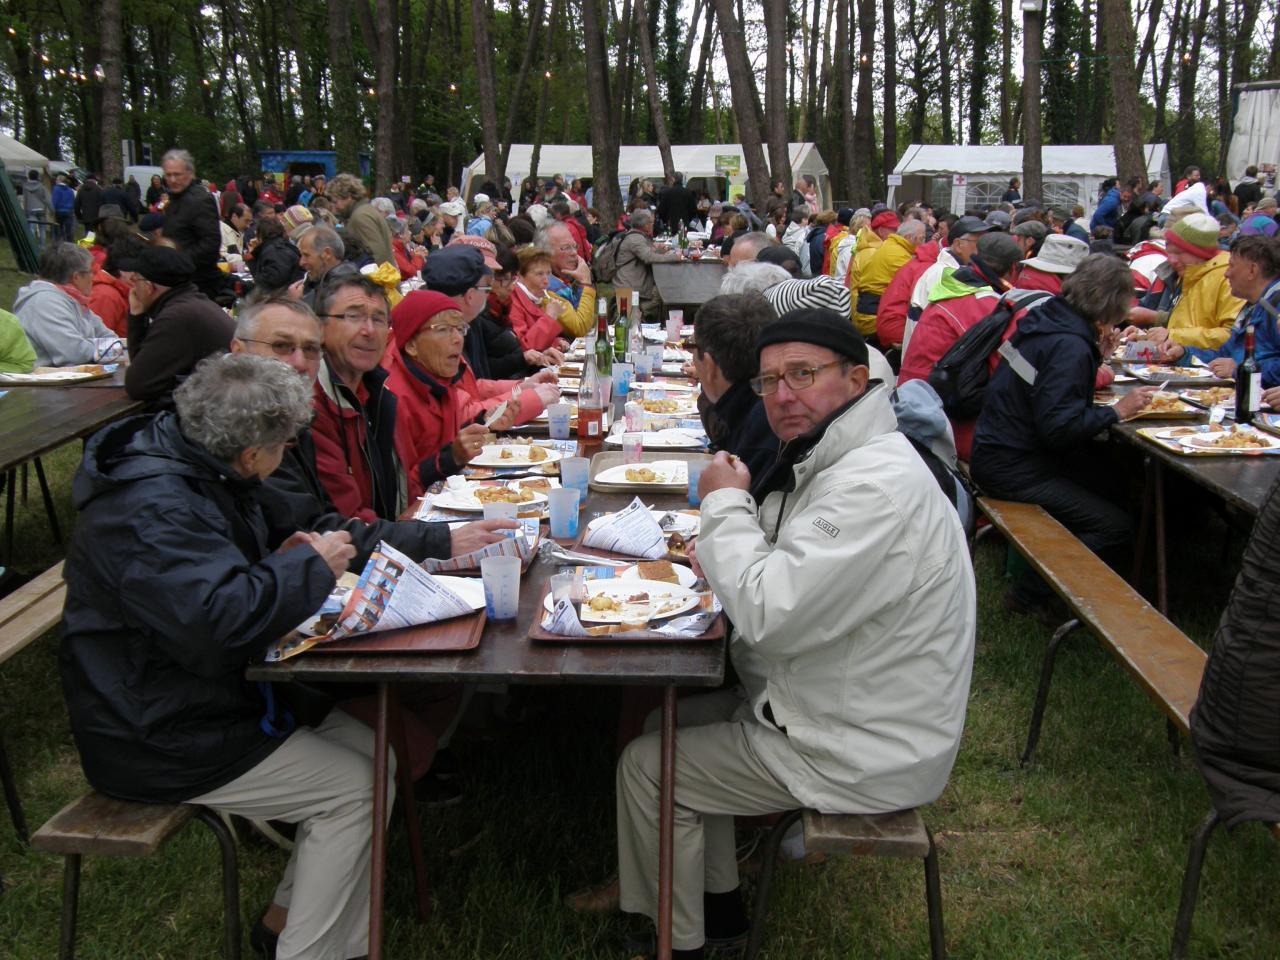 13-05-10-plougoumelen-lougriers-10.jpg